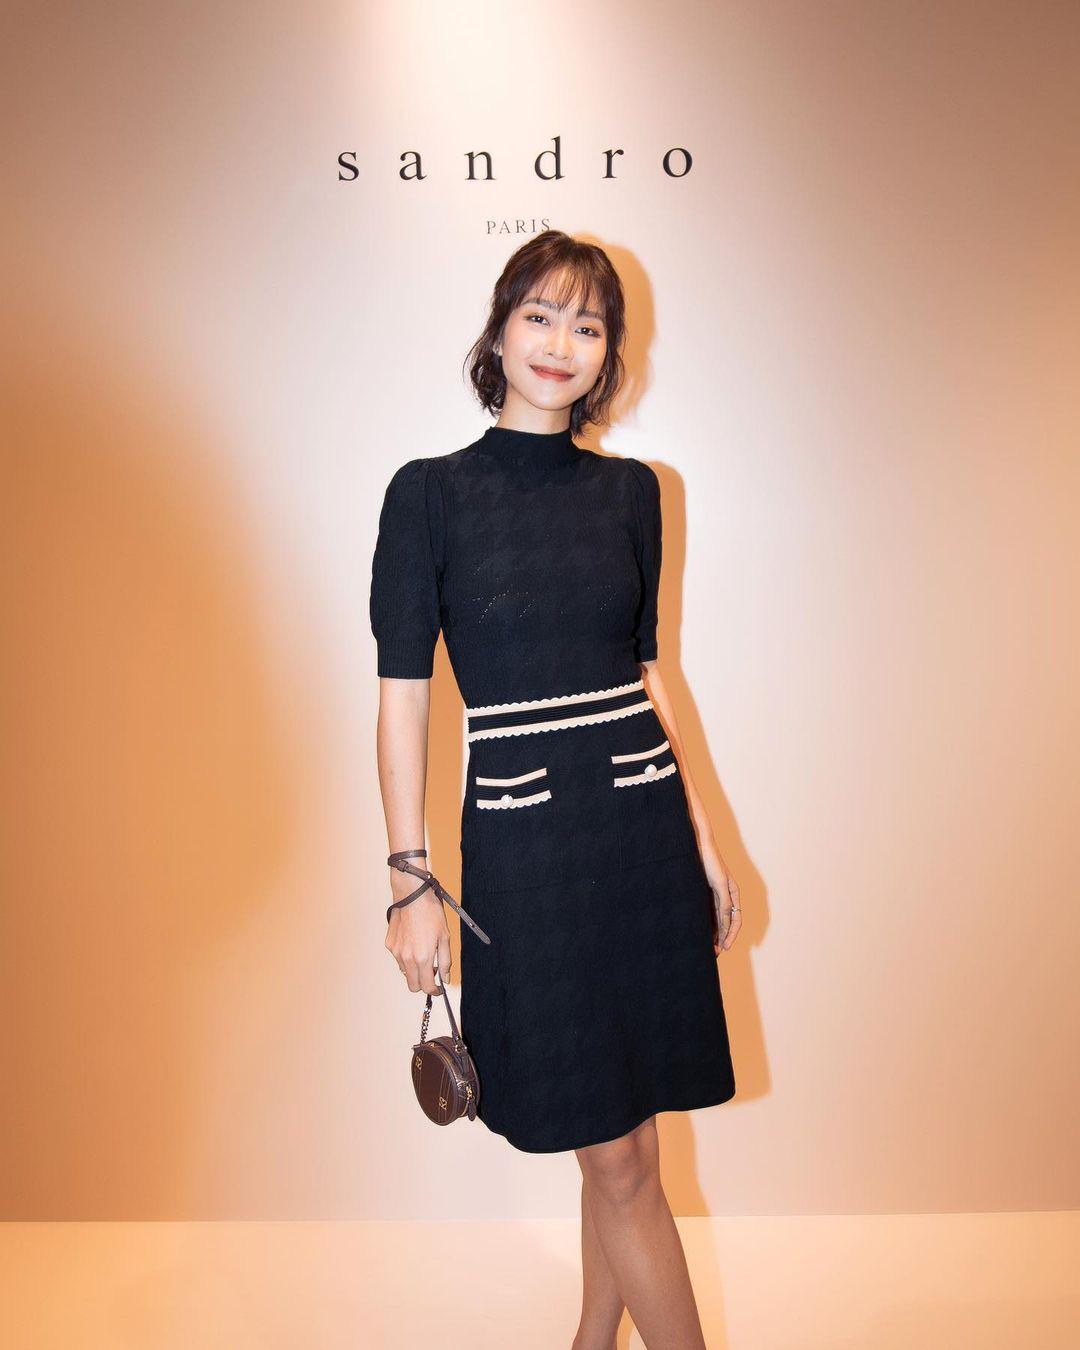 Khả Ngân, Hà Trúc, Monsimi Và Tú Hảo tham dự khai trương cửa hàng Sandro đầu tiên tại Việt Nam - Ảnh 2.